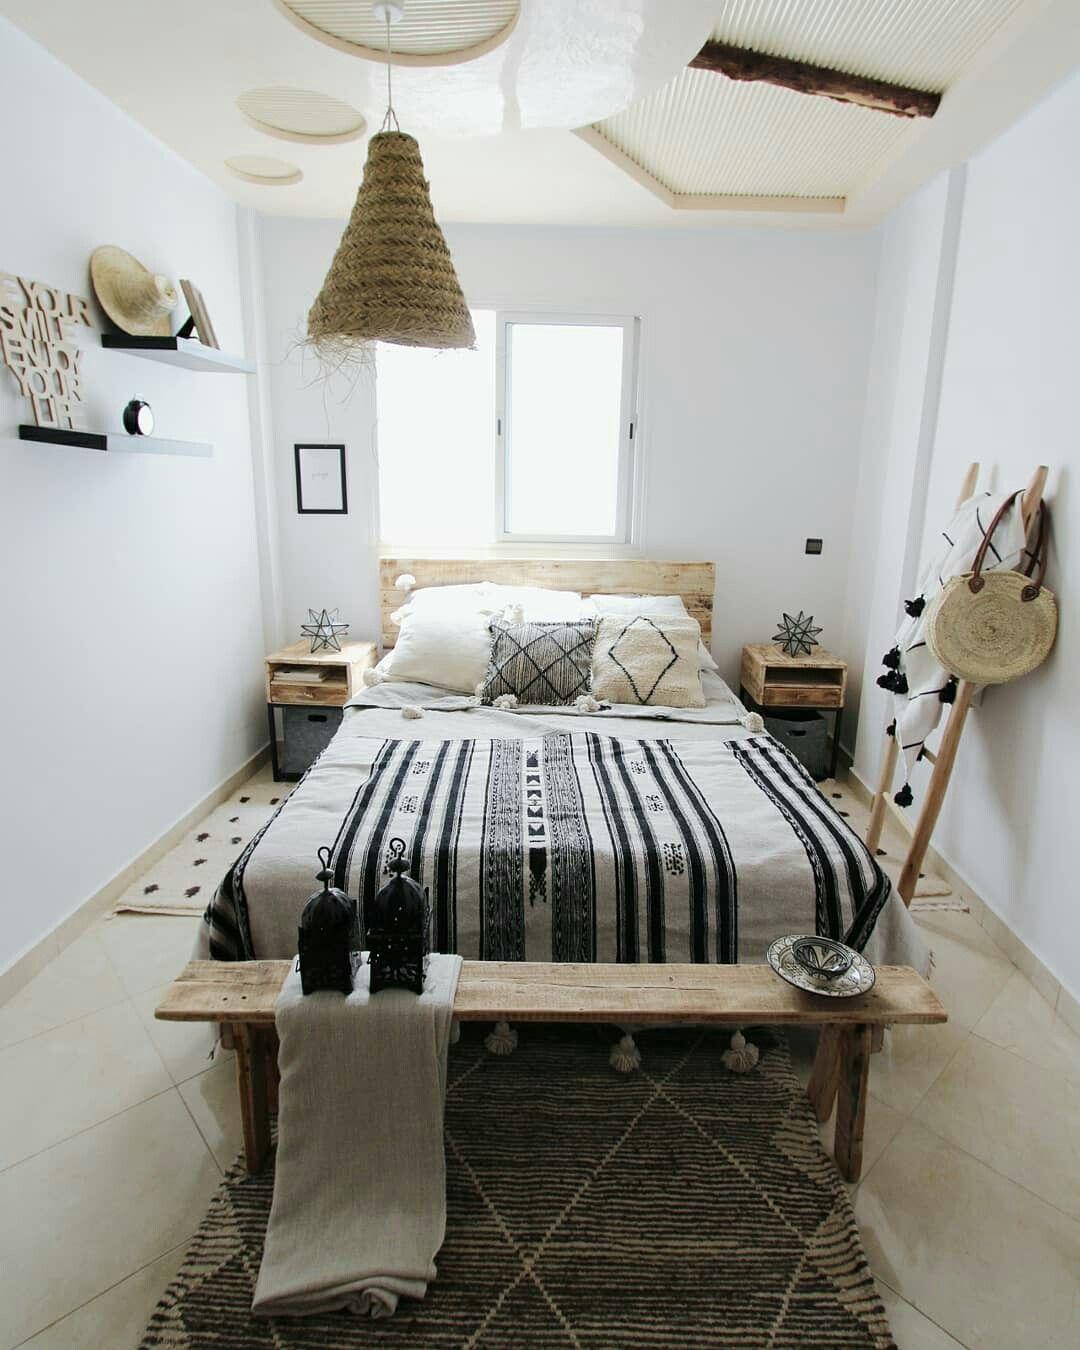 Mein BohoSchlafzimmer! Made in Morocco! Alle DekoArtikel